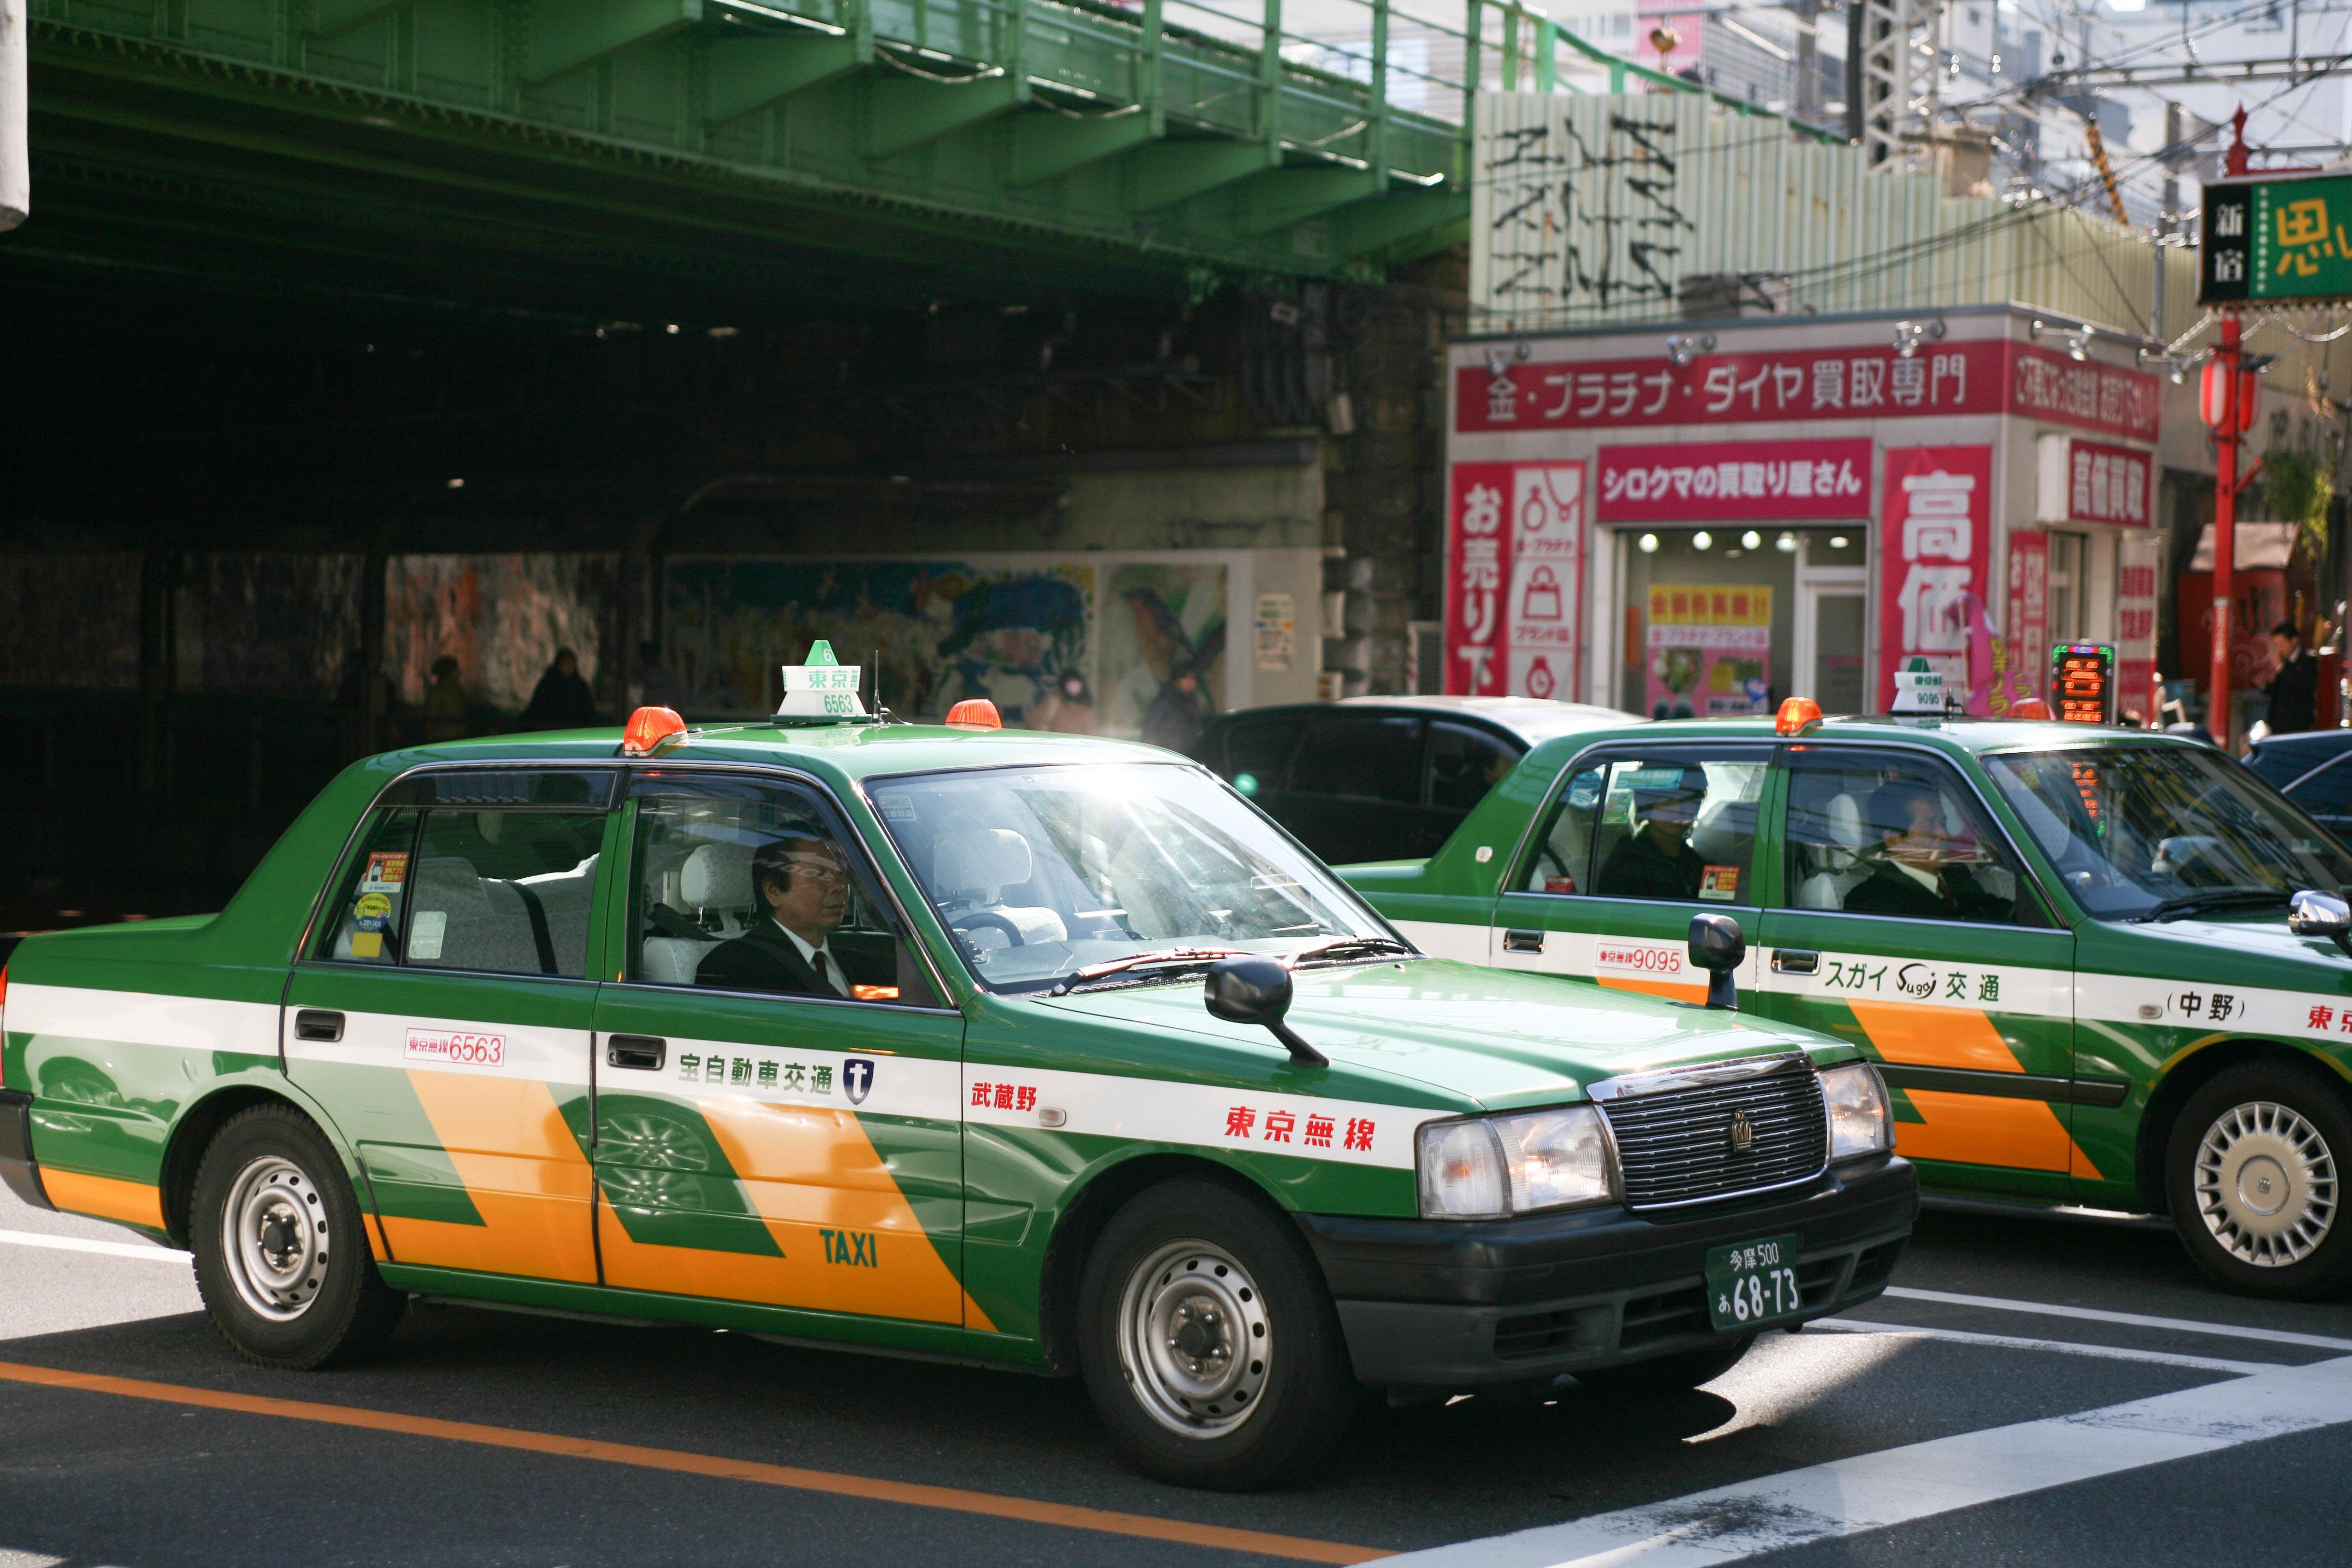 Tokyo va hanh trinh kham pha nhip song thuong ngay o Nhat Ban hinh anh 5